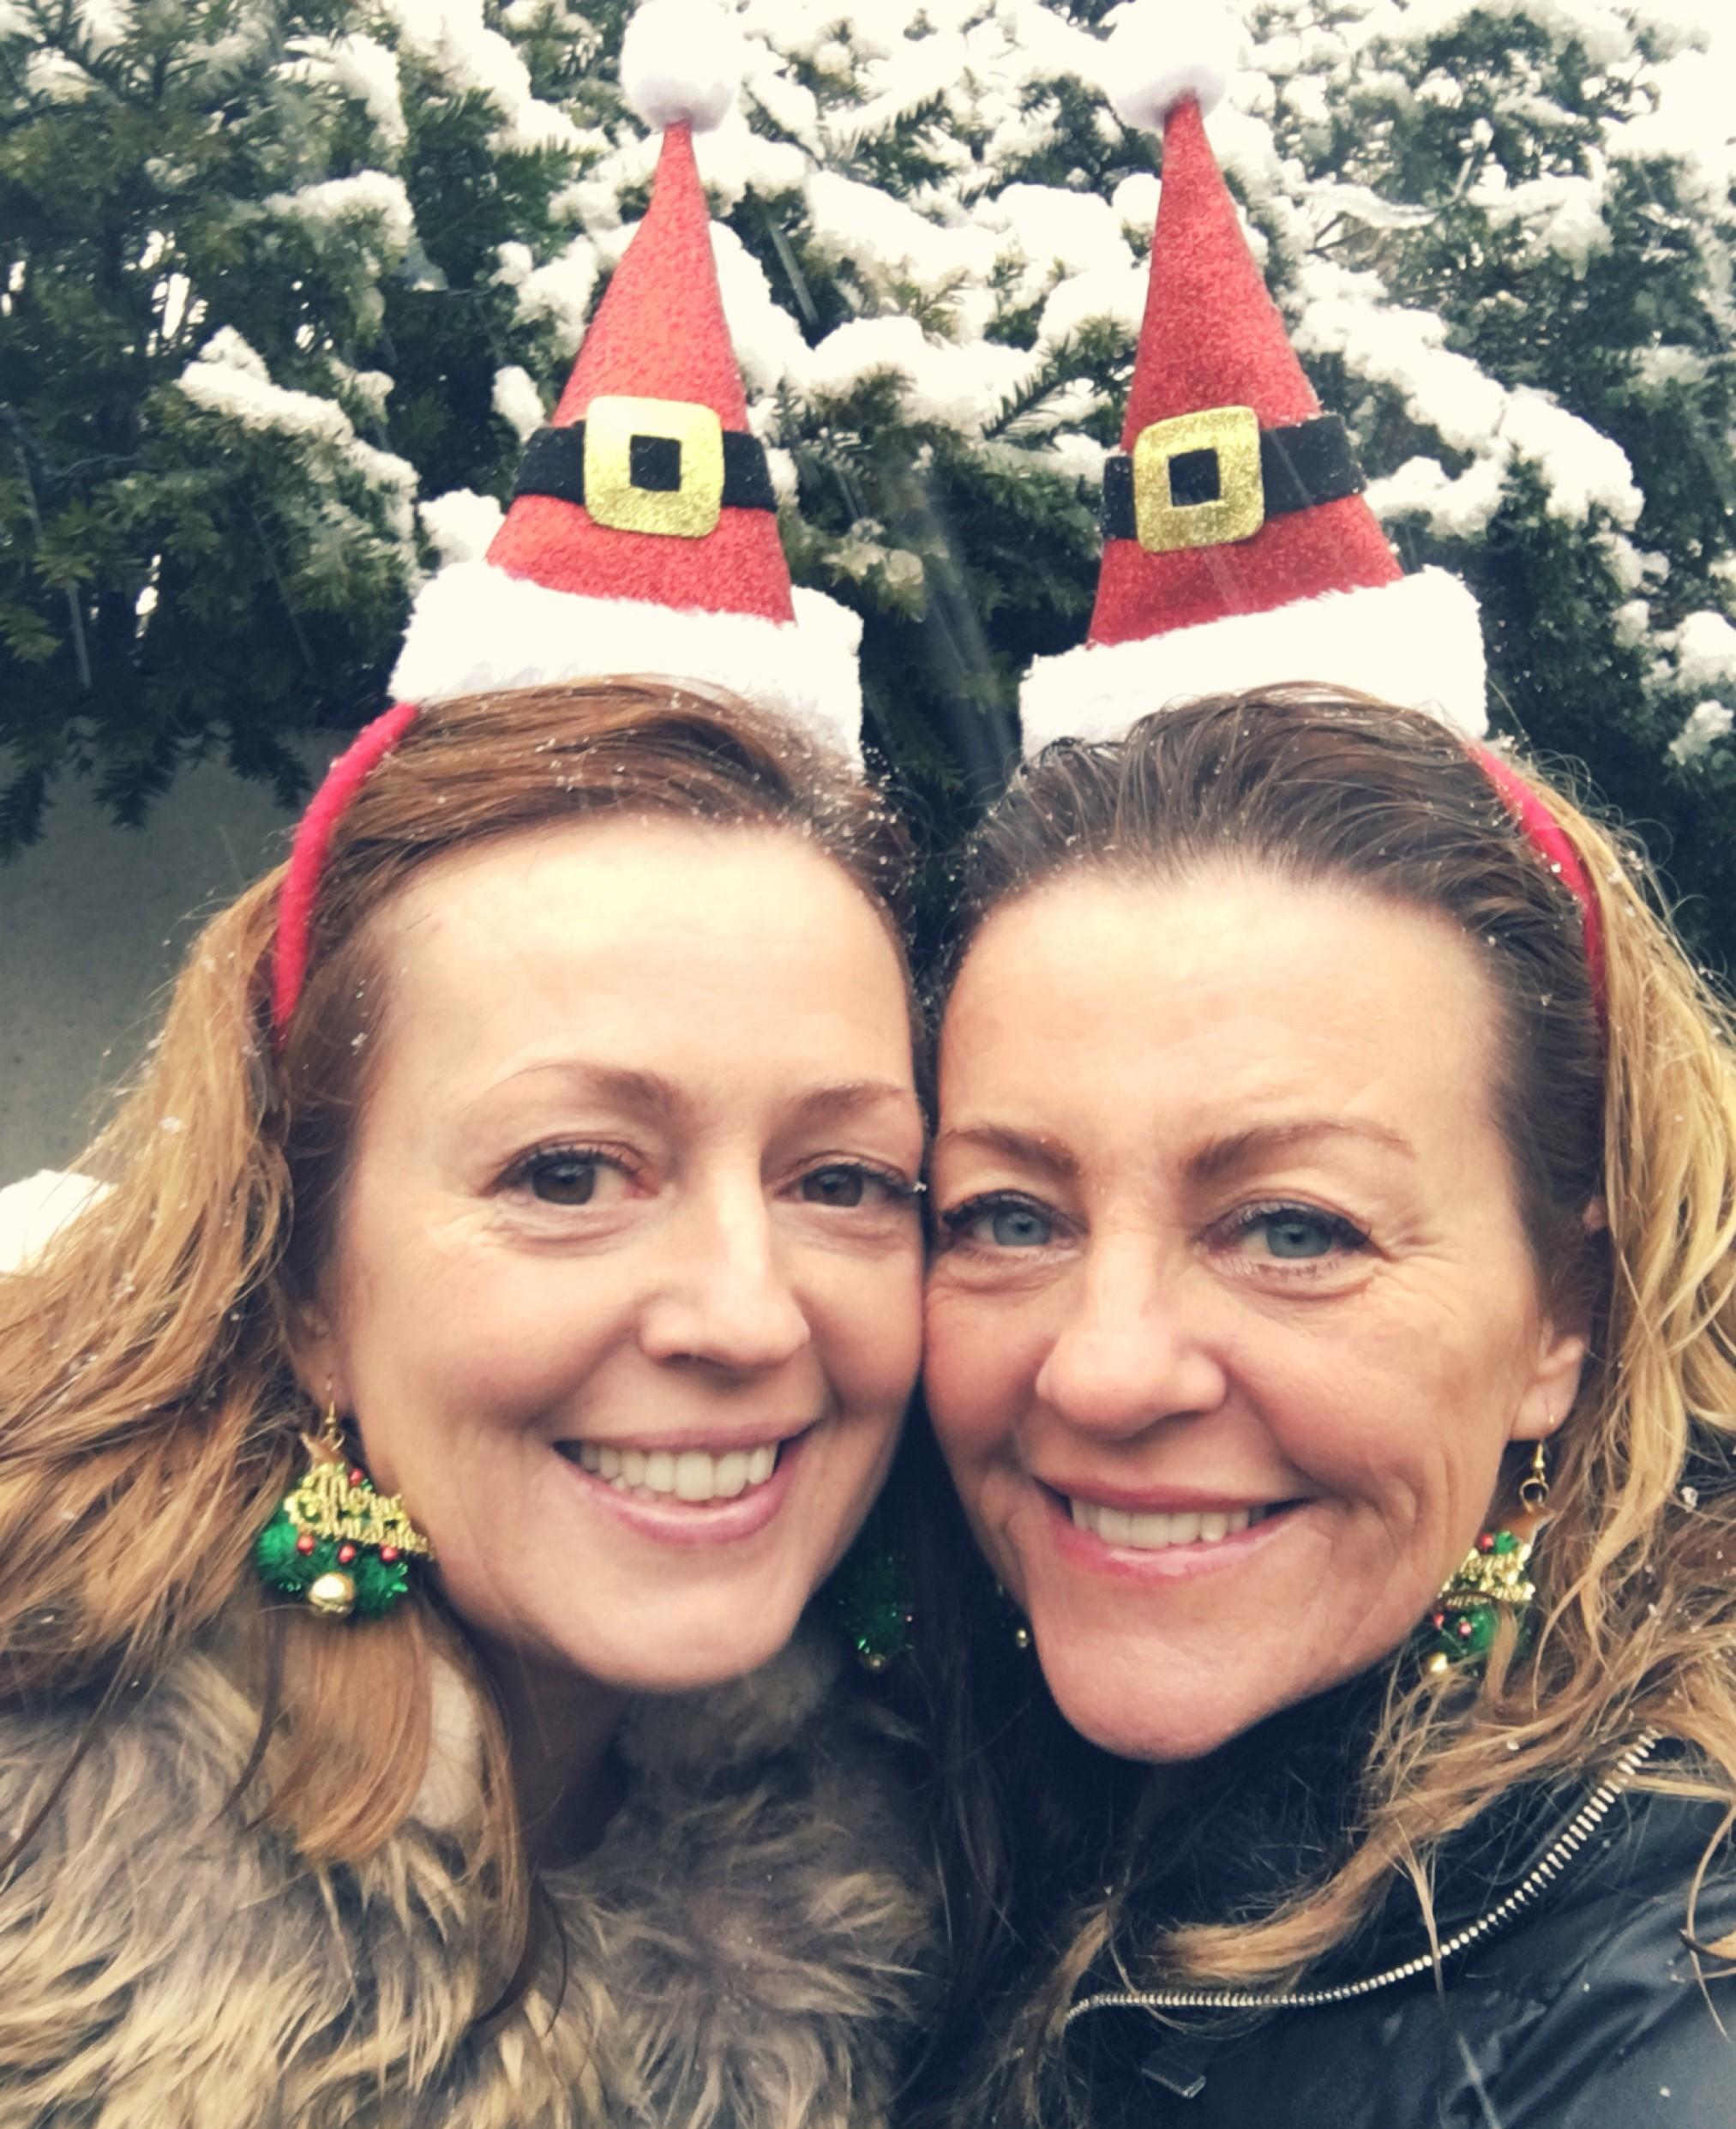 Feliz Navidad – Vrolijk kerstfeest – Merry Christmas – Frohe Weihnachten